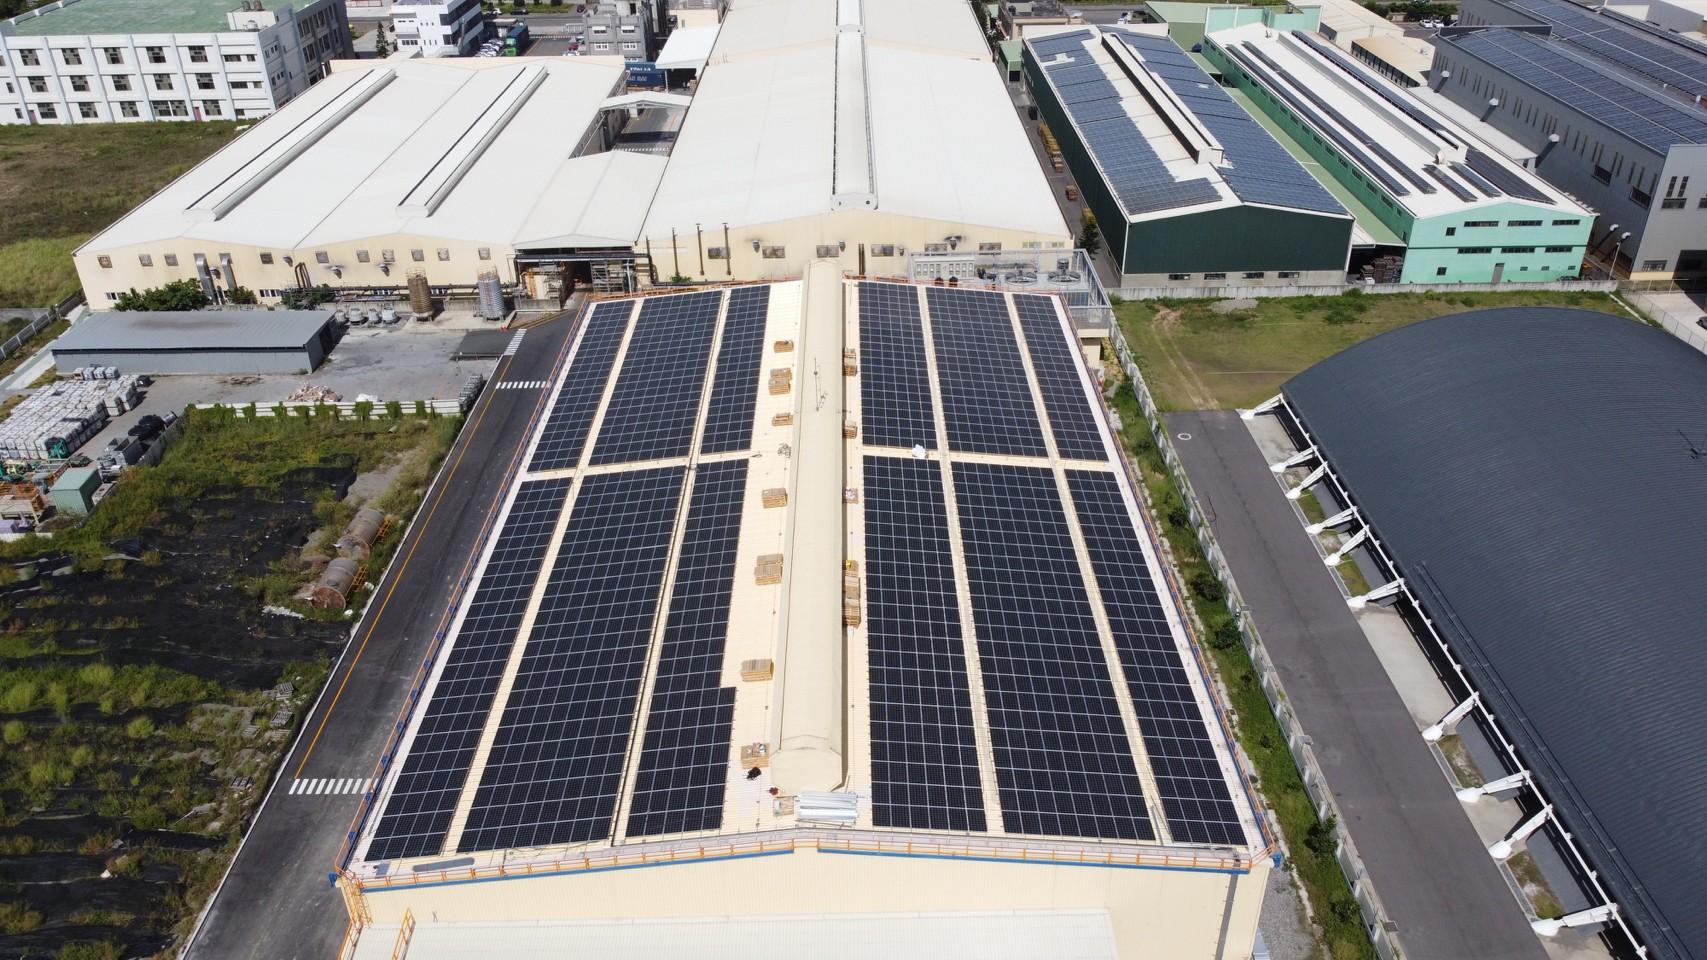 太陽能發電|太陽能板安裝|彰化縣鹿港鎮廠房499.525KW